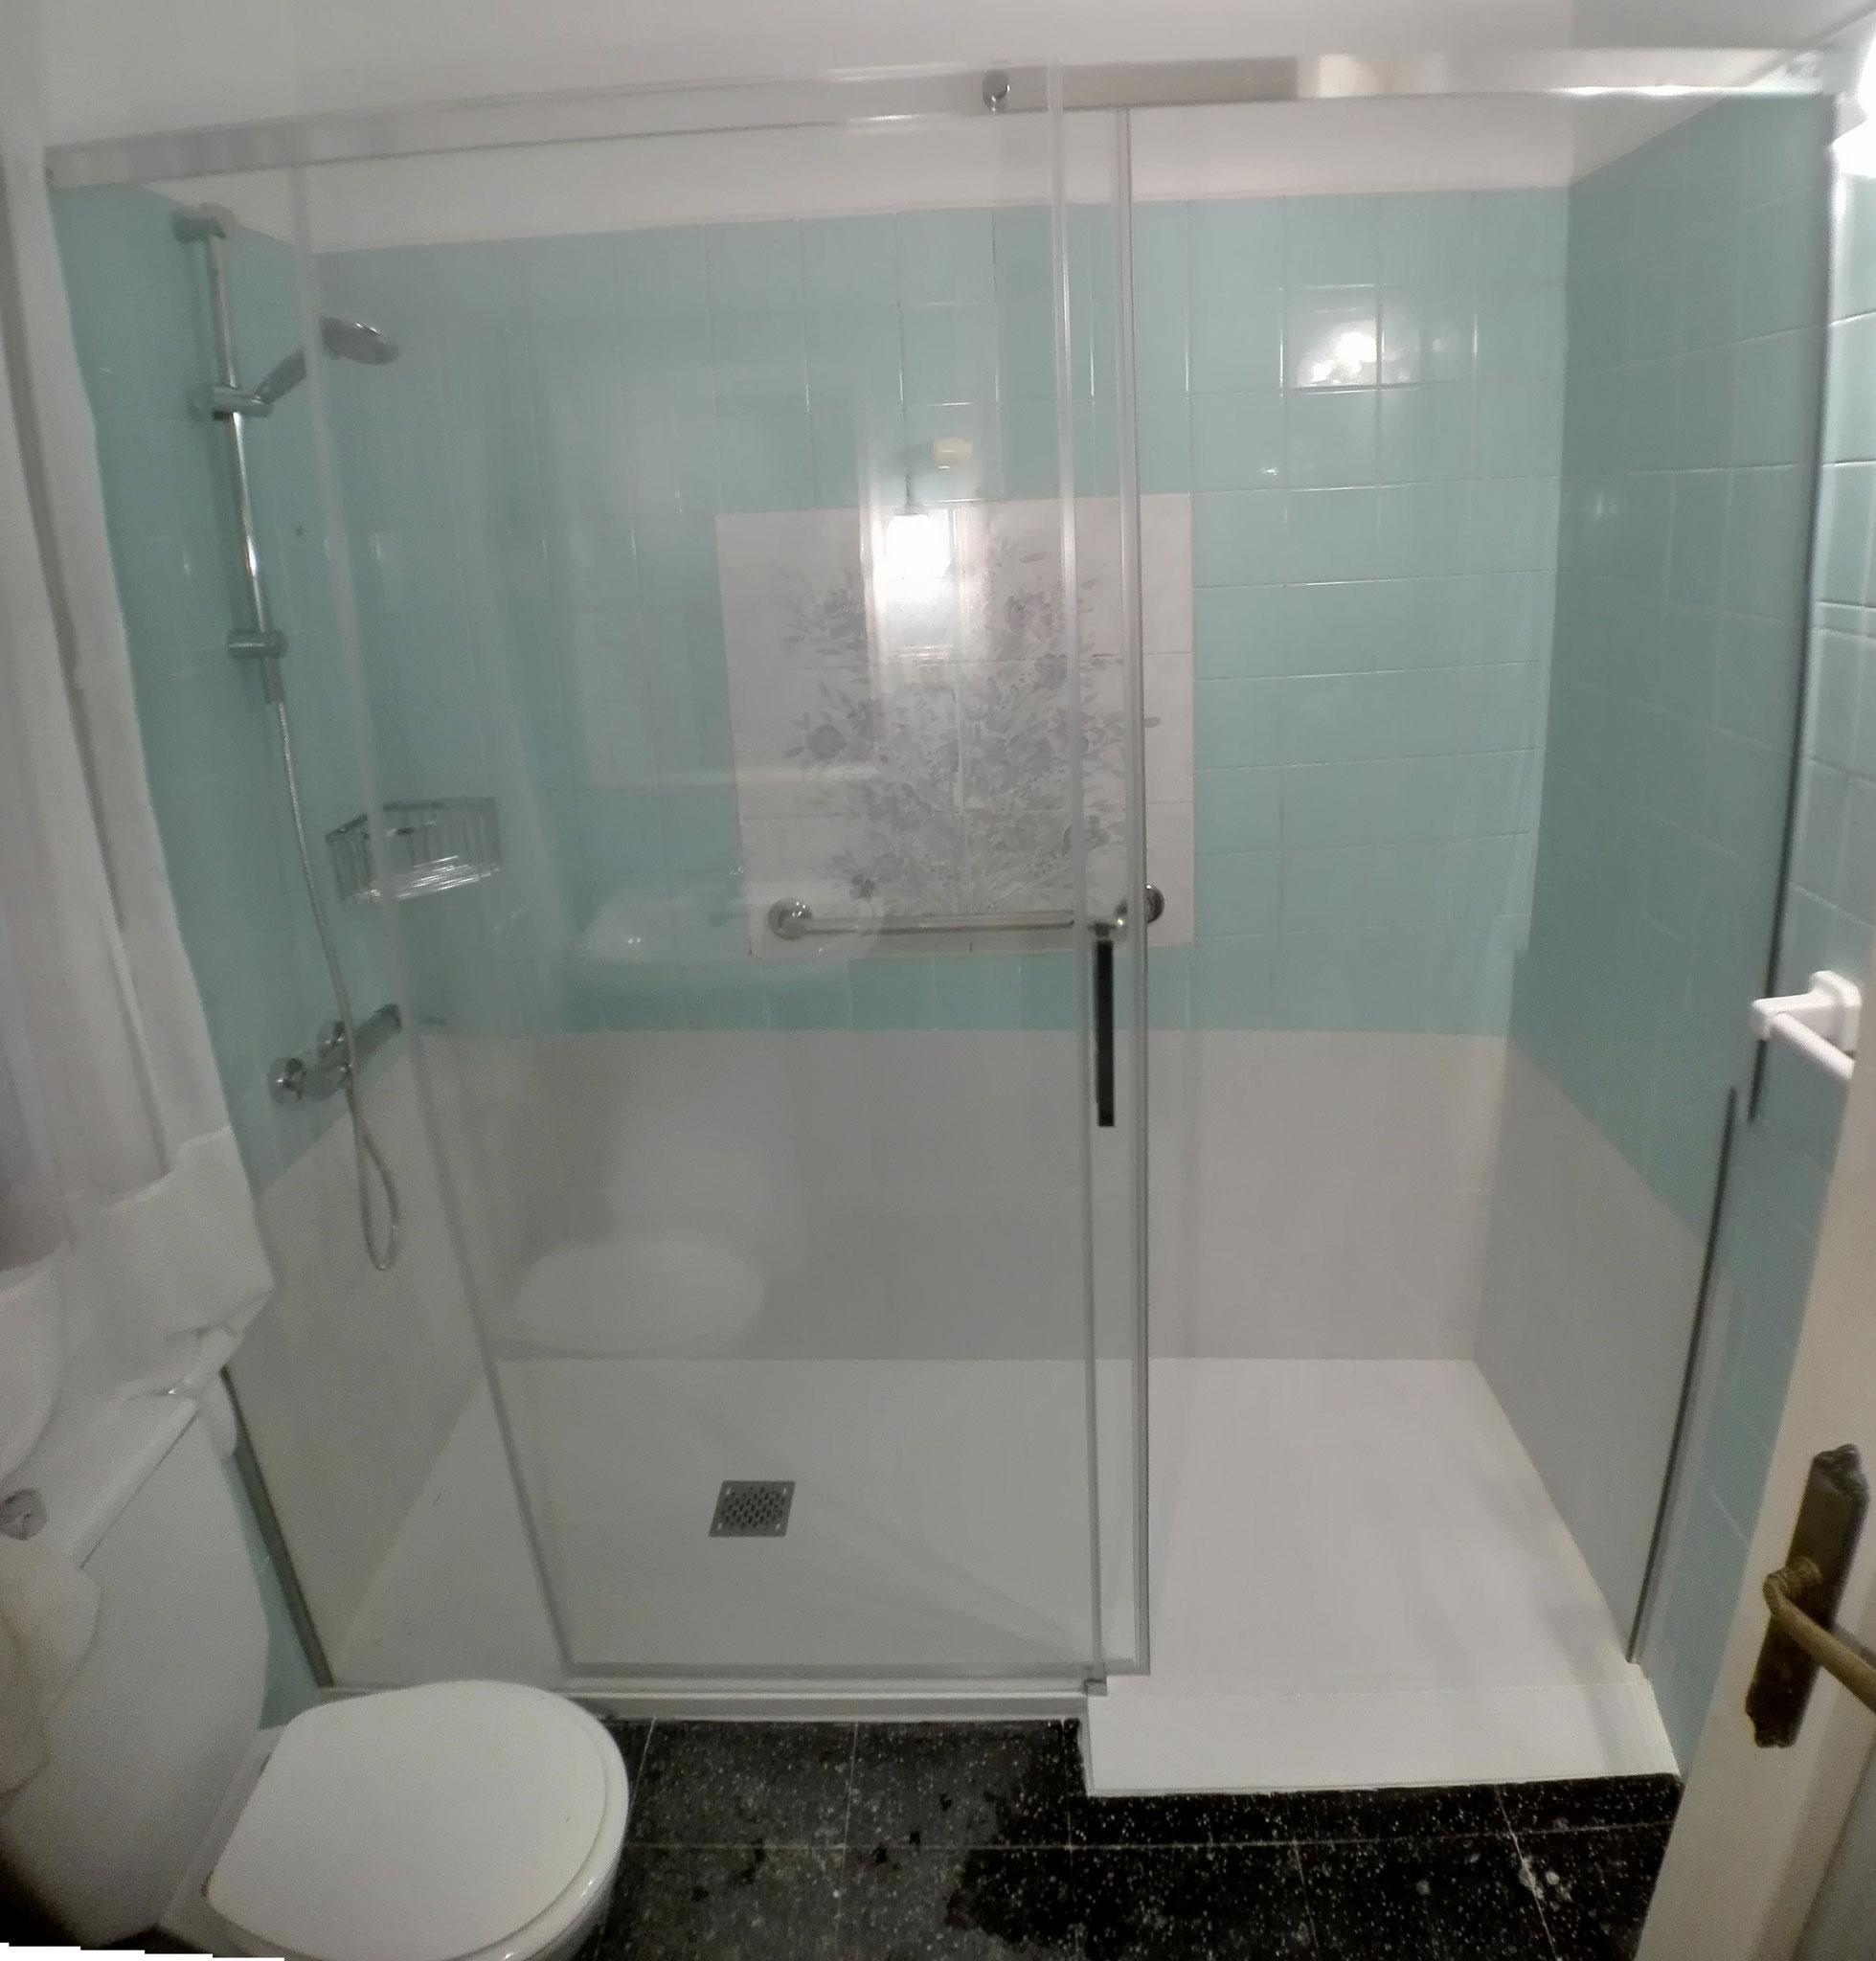 cambio de bañera a ducha con plato de pizarra y rampa de acceso al plato del mismo material